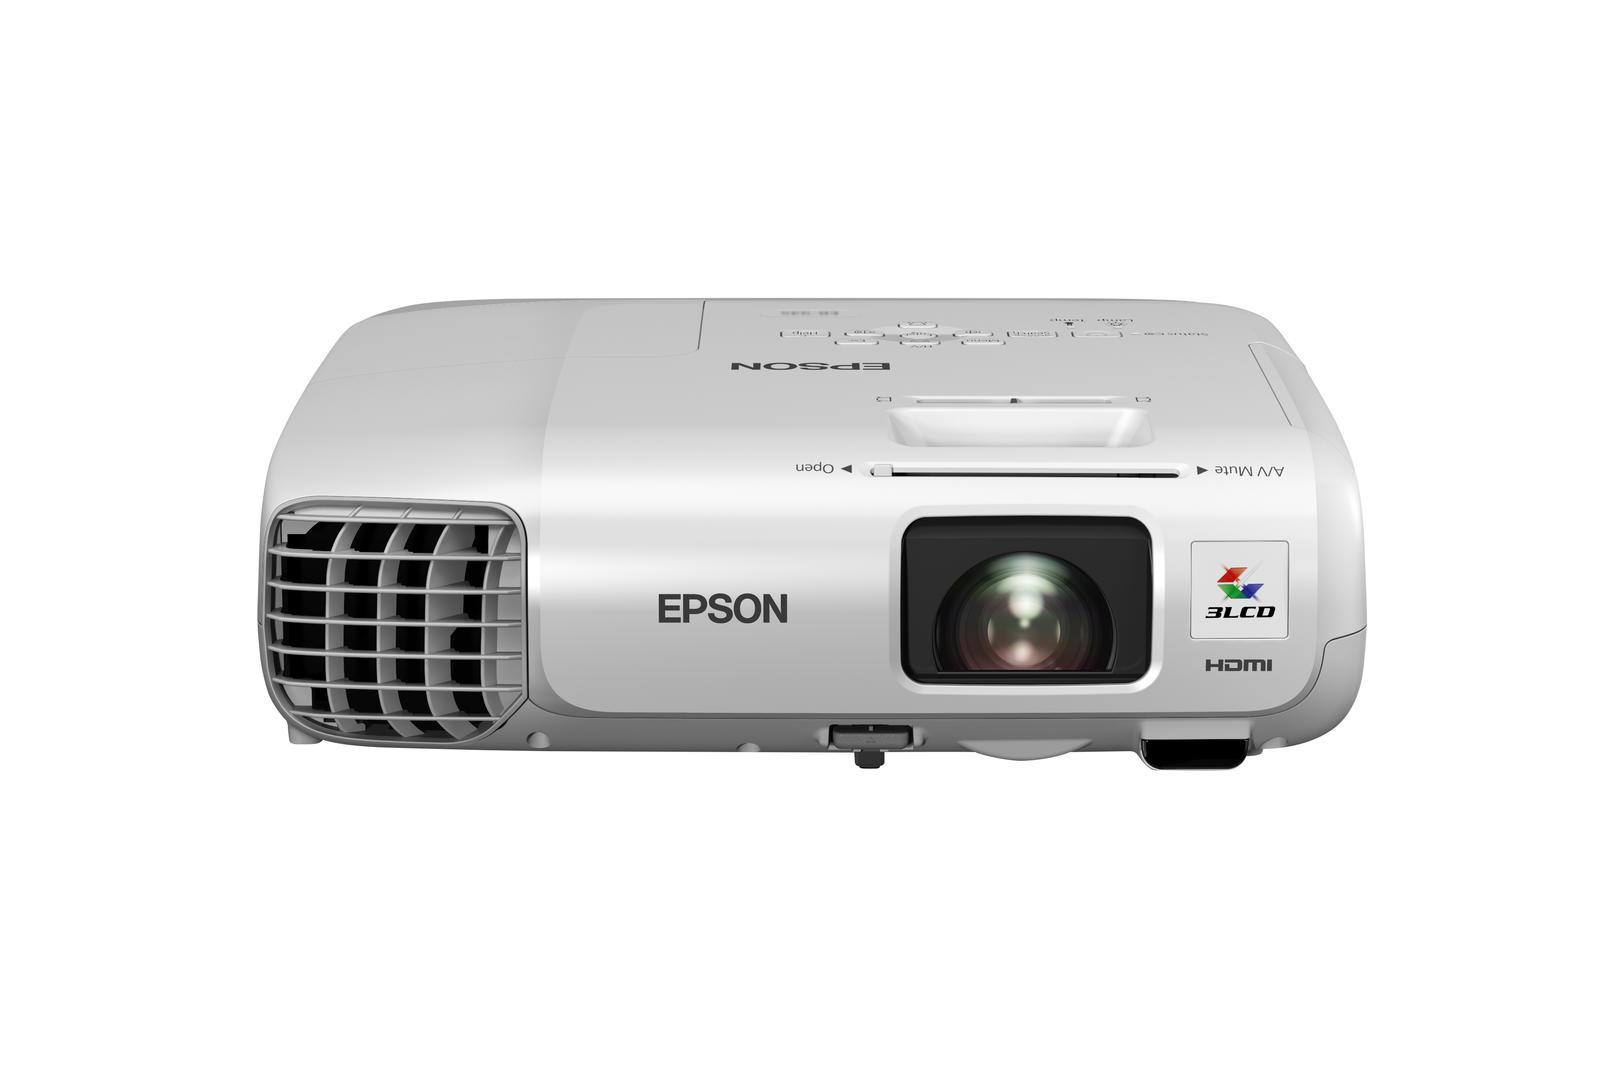 EPSON EB-965H XGA, 3500 Lumen, 10 000:1 projektors